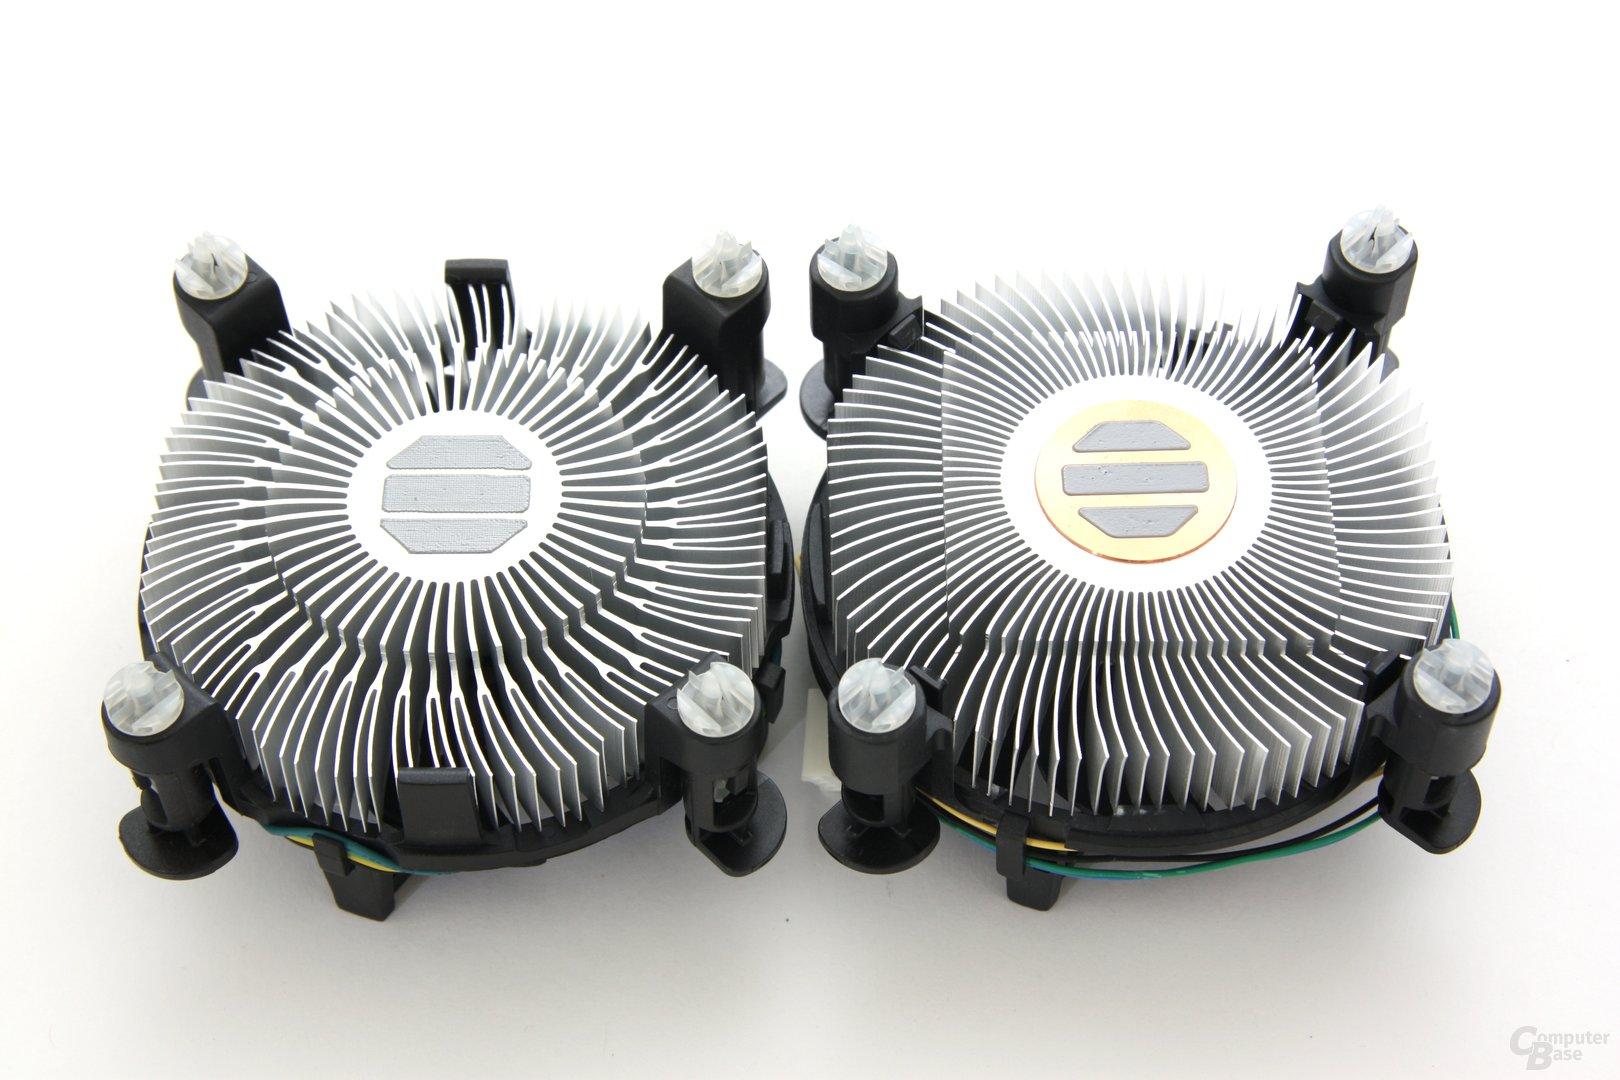 65-Watt-Kühler (li) vs. 95-Watt-Kühler (re)